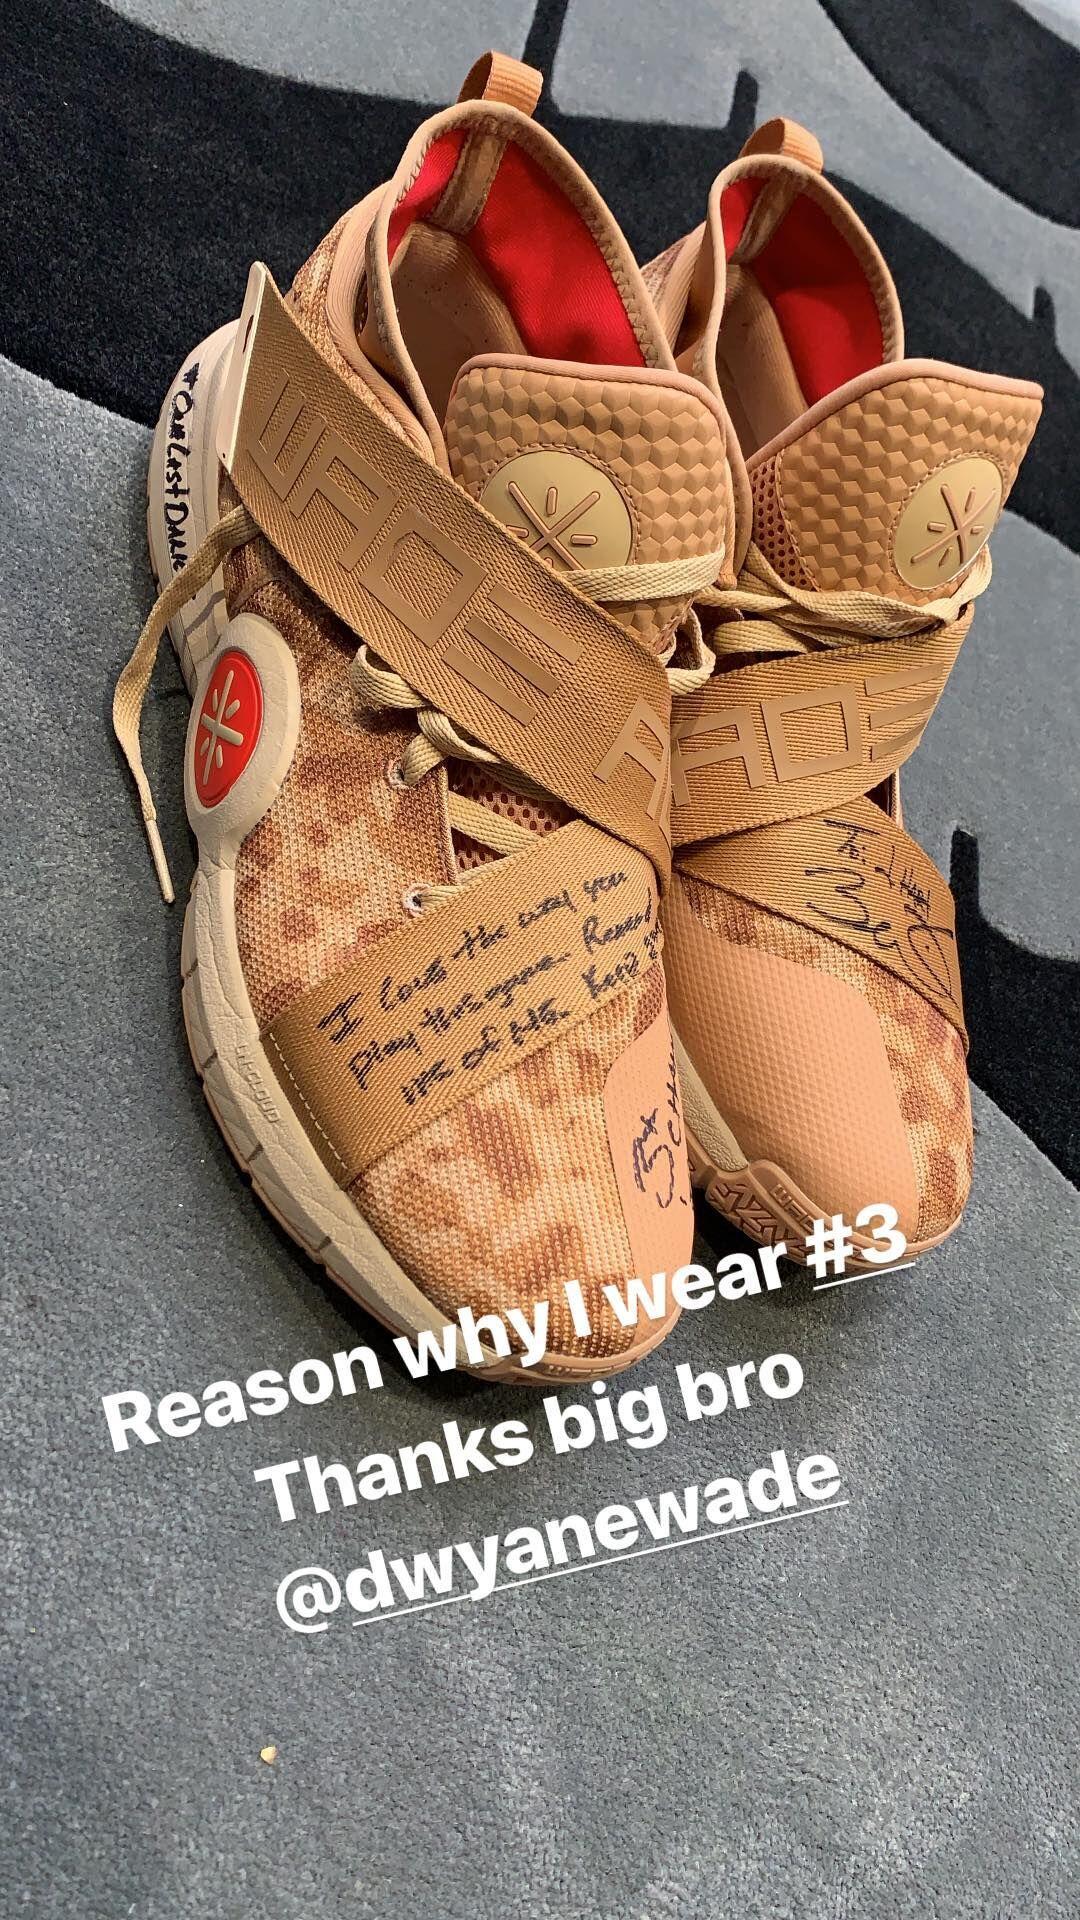 韦德将签名球鞋赠予哈特并附言:你让吾想首了本身